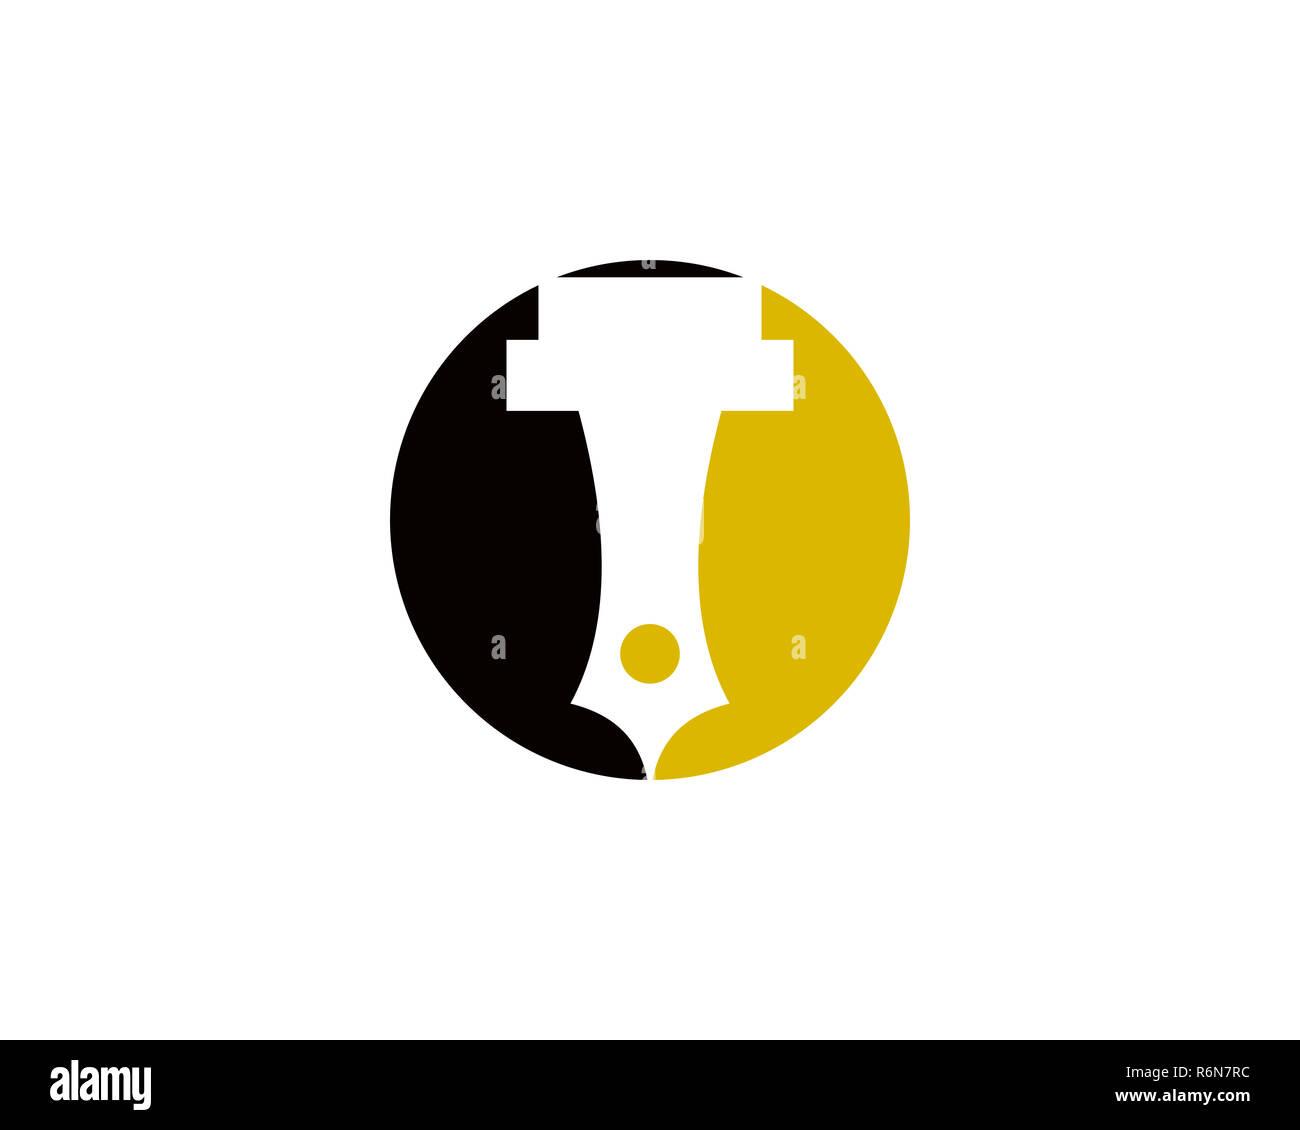 writer logo Stock Photo